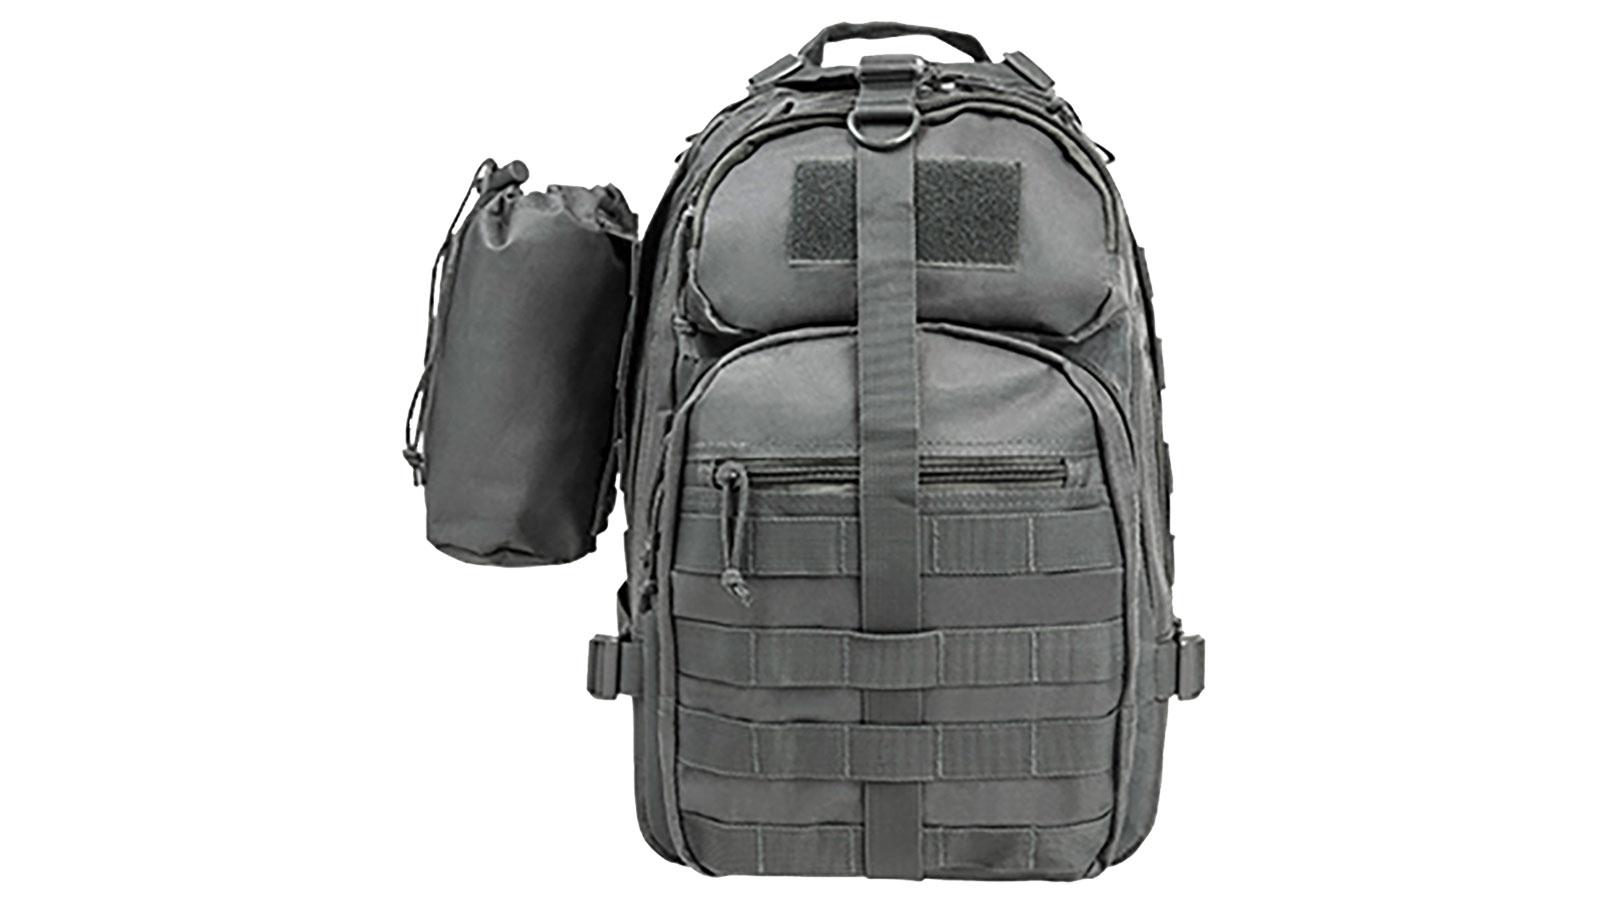 NC Star Small Backpack|Bottle Holder Urban Gray